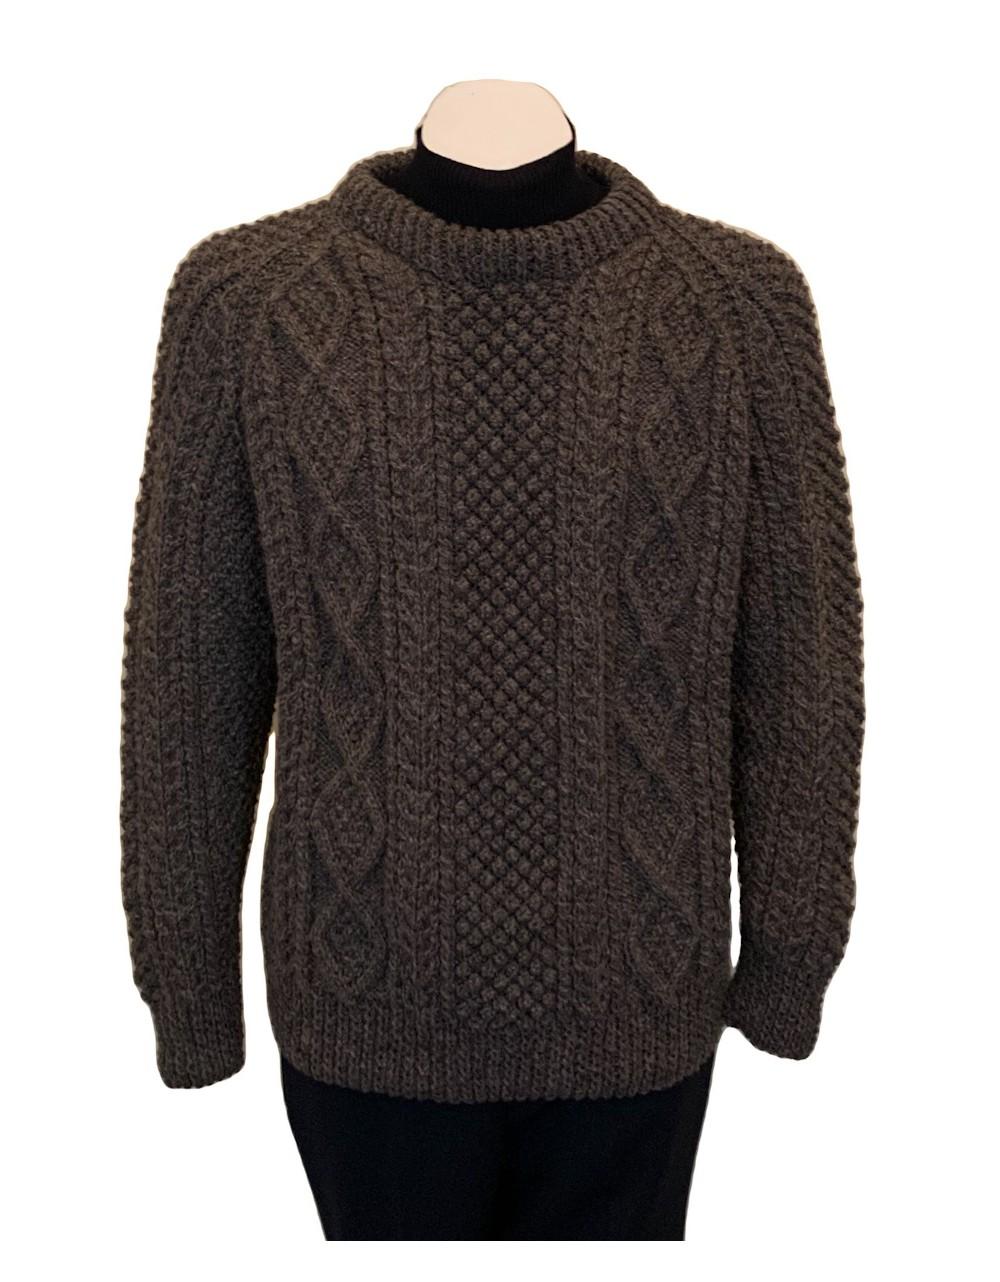 Unisex Irish Aran Fisherman Sweater Handknitted Arans Irish Handcrafts 1